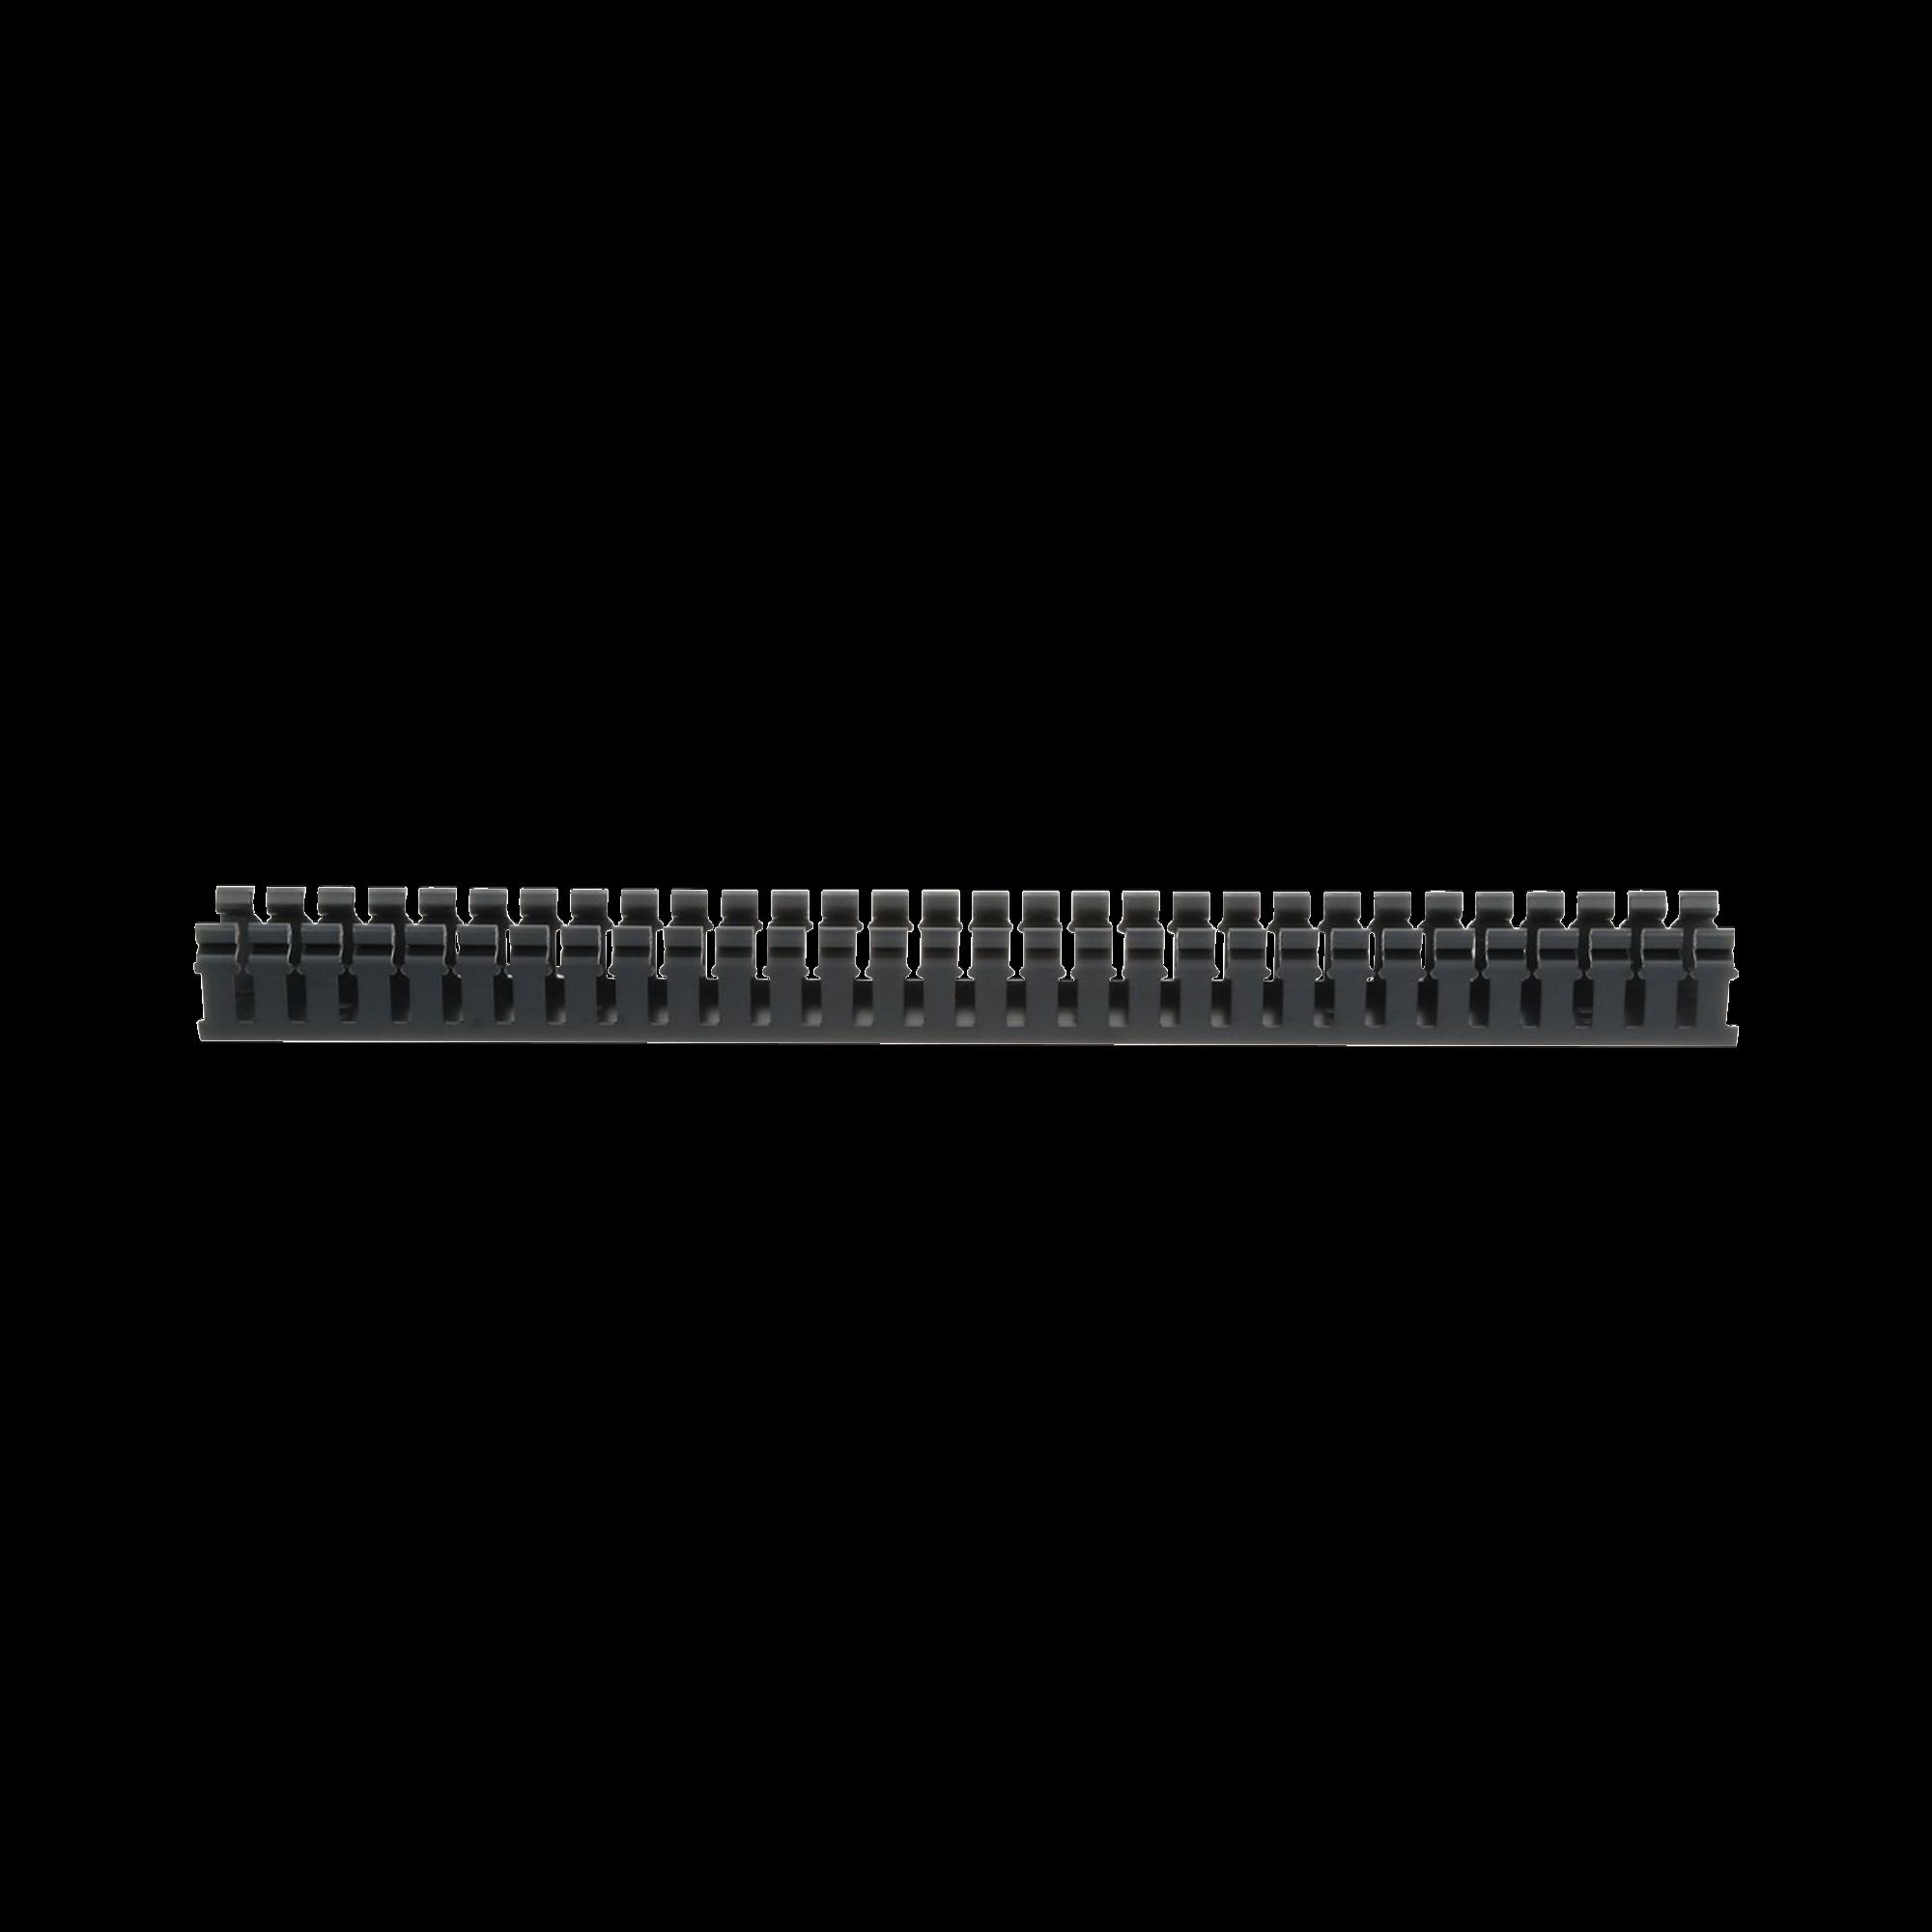 Canaleta Ranurada de PVC sin Tapa, Tipo H (Tapa Abisagrada), 2 in de Ancho, 2 in de Alto y 1828.8 mm de Largo, Color Negro